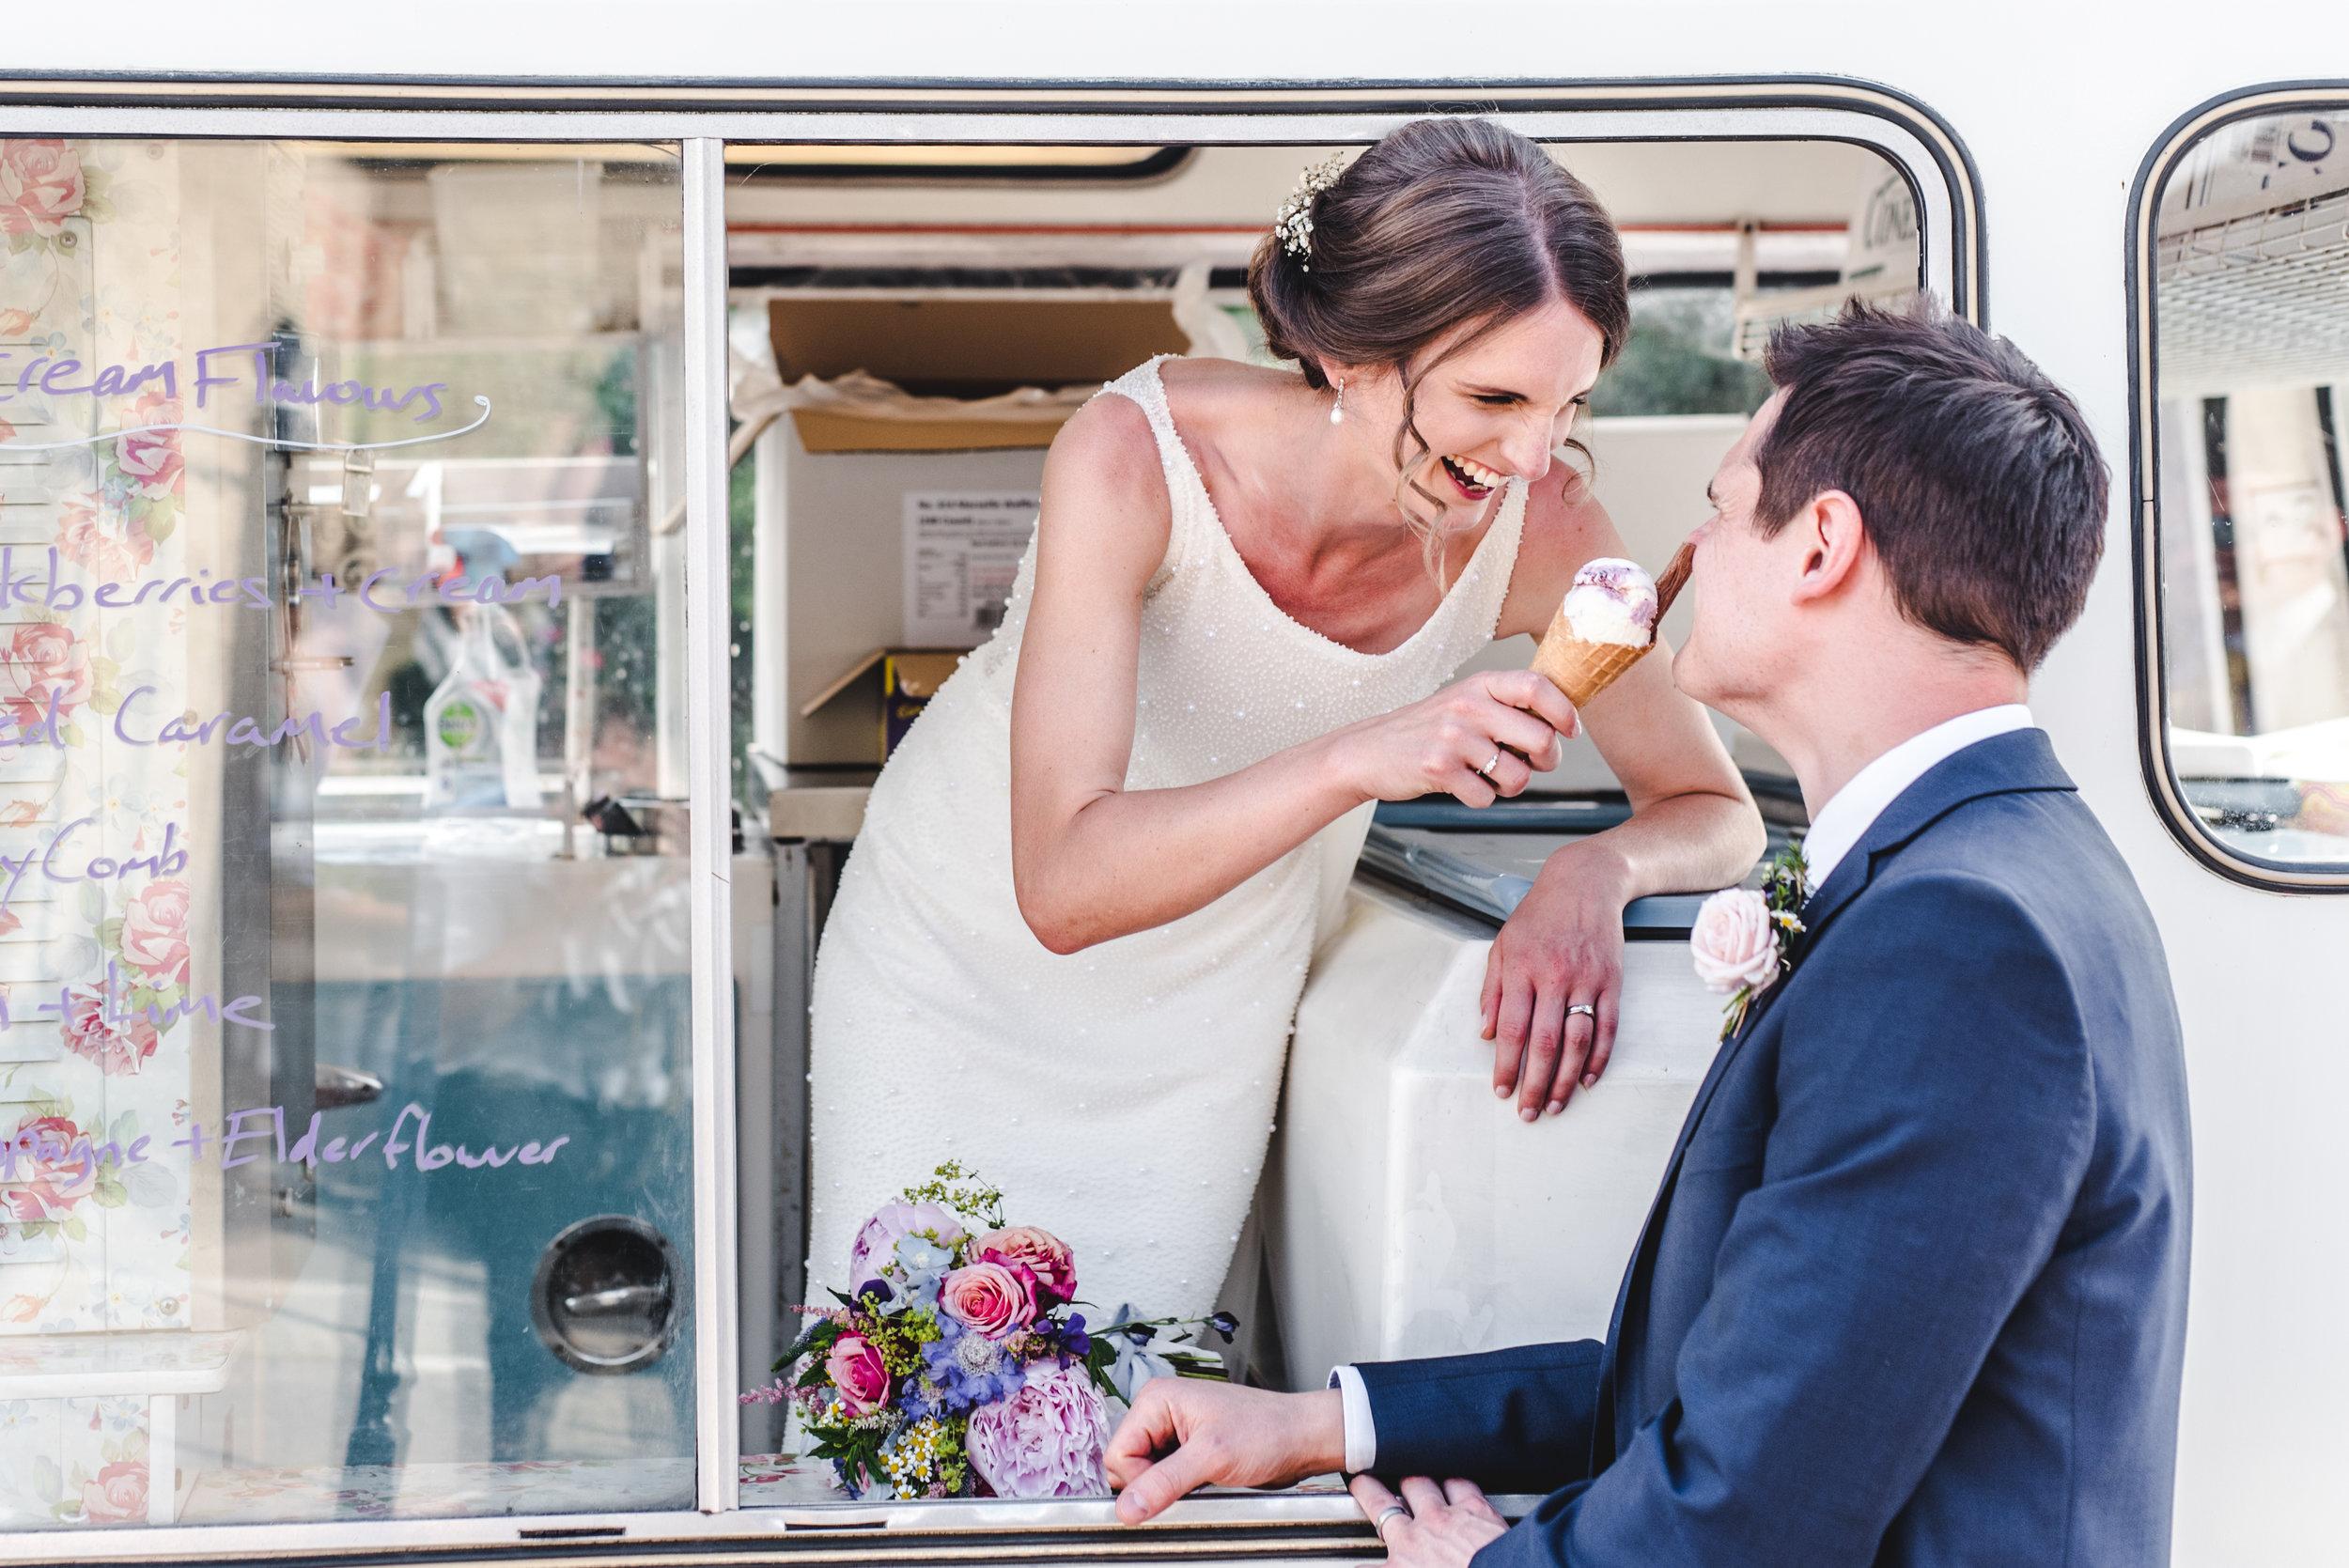 Wedding Prices -